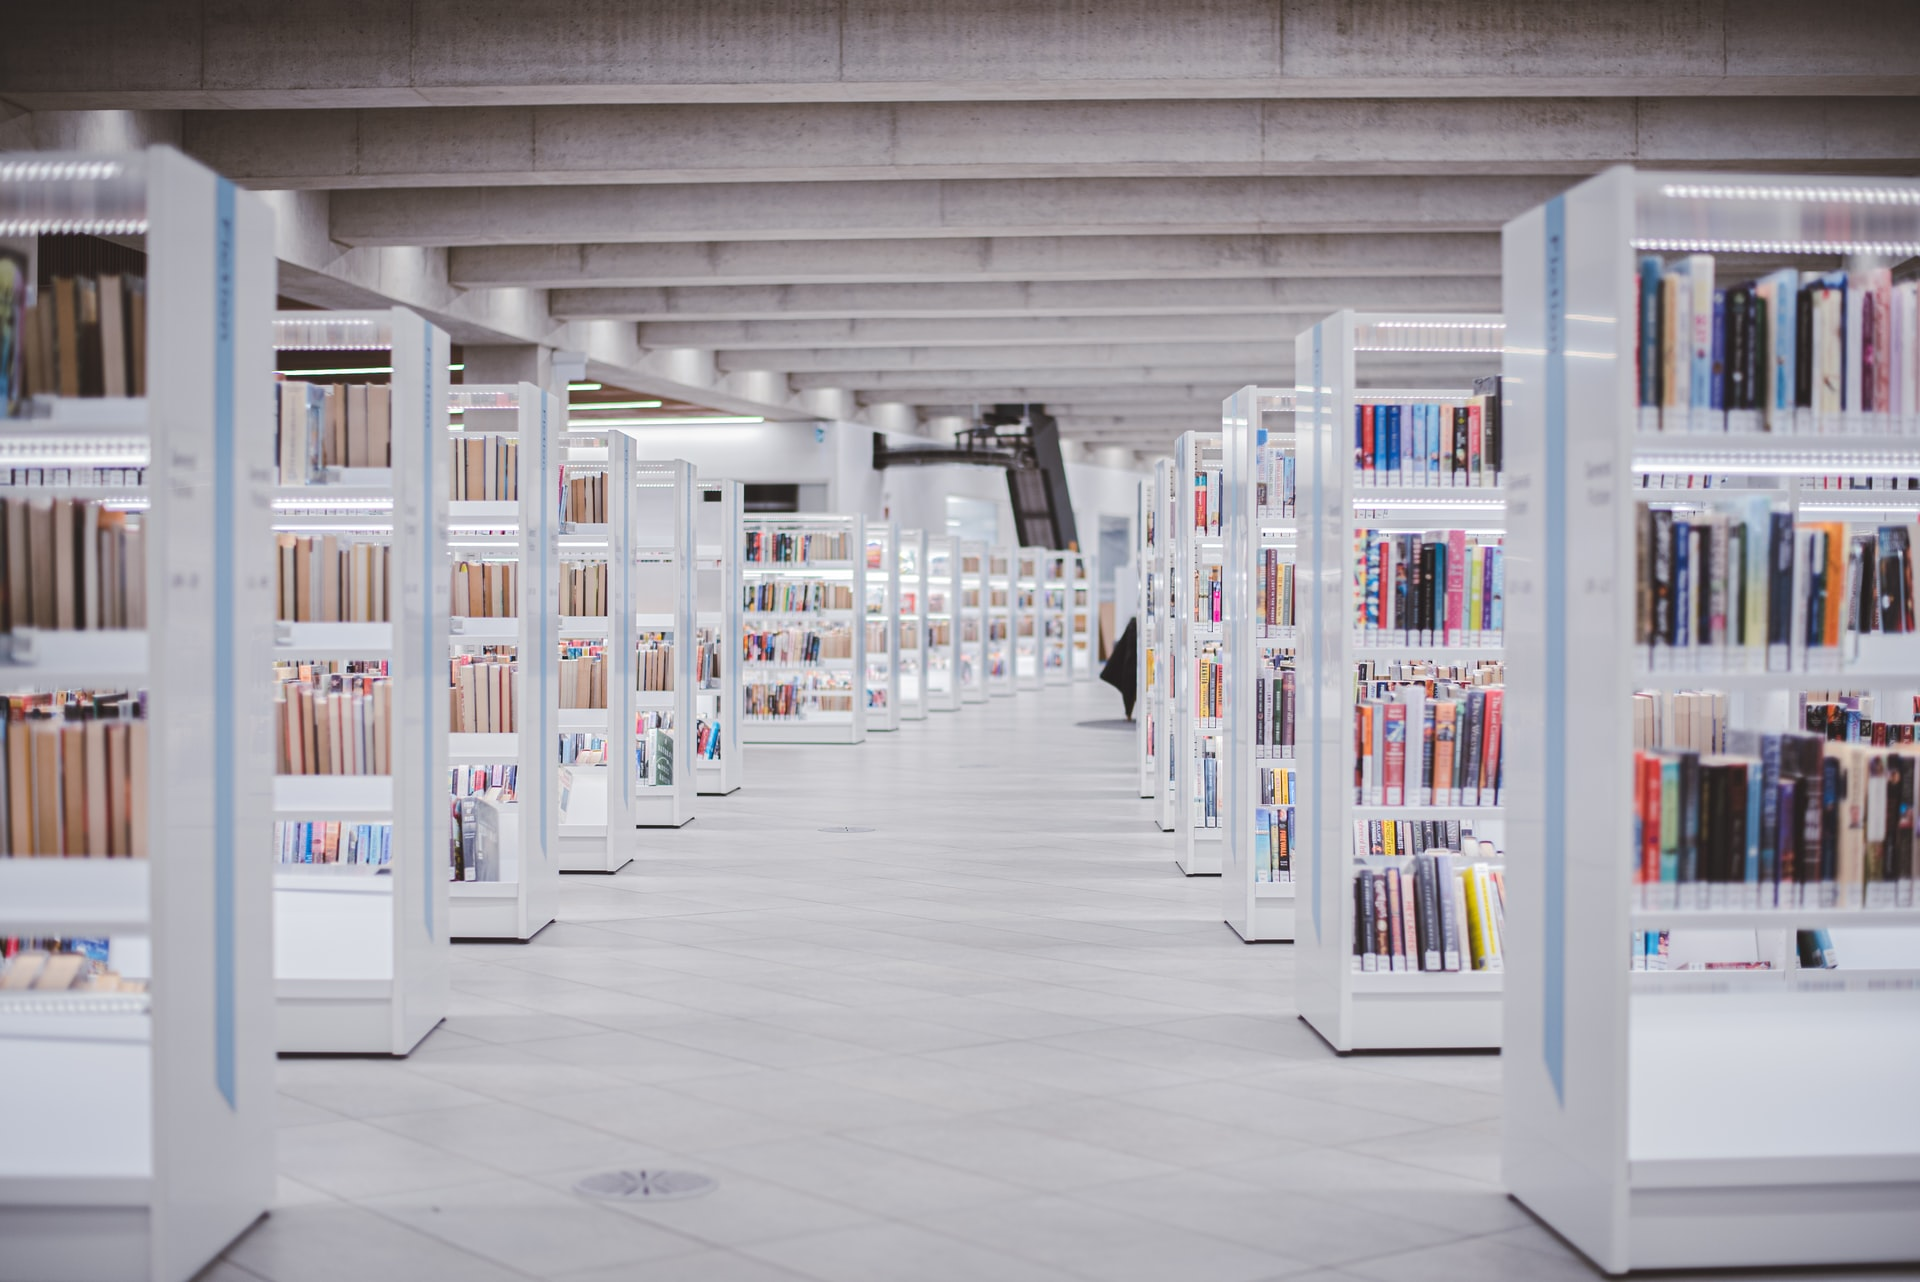 casa editrice anicia, libreria anicia, formazione anicia